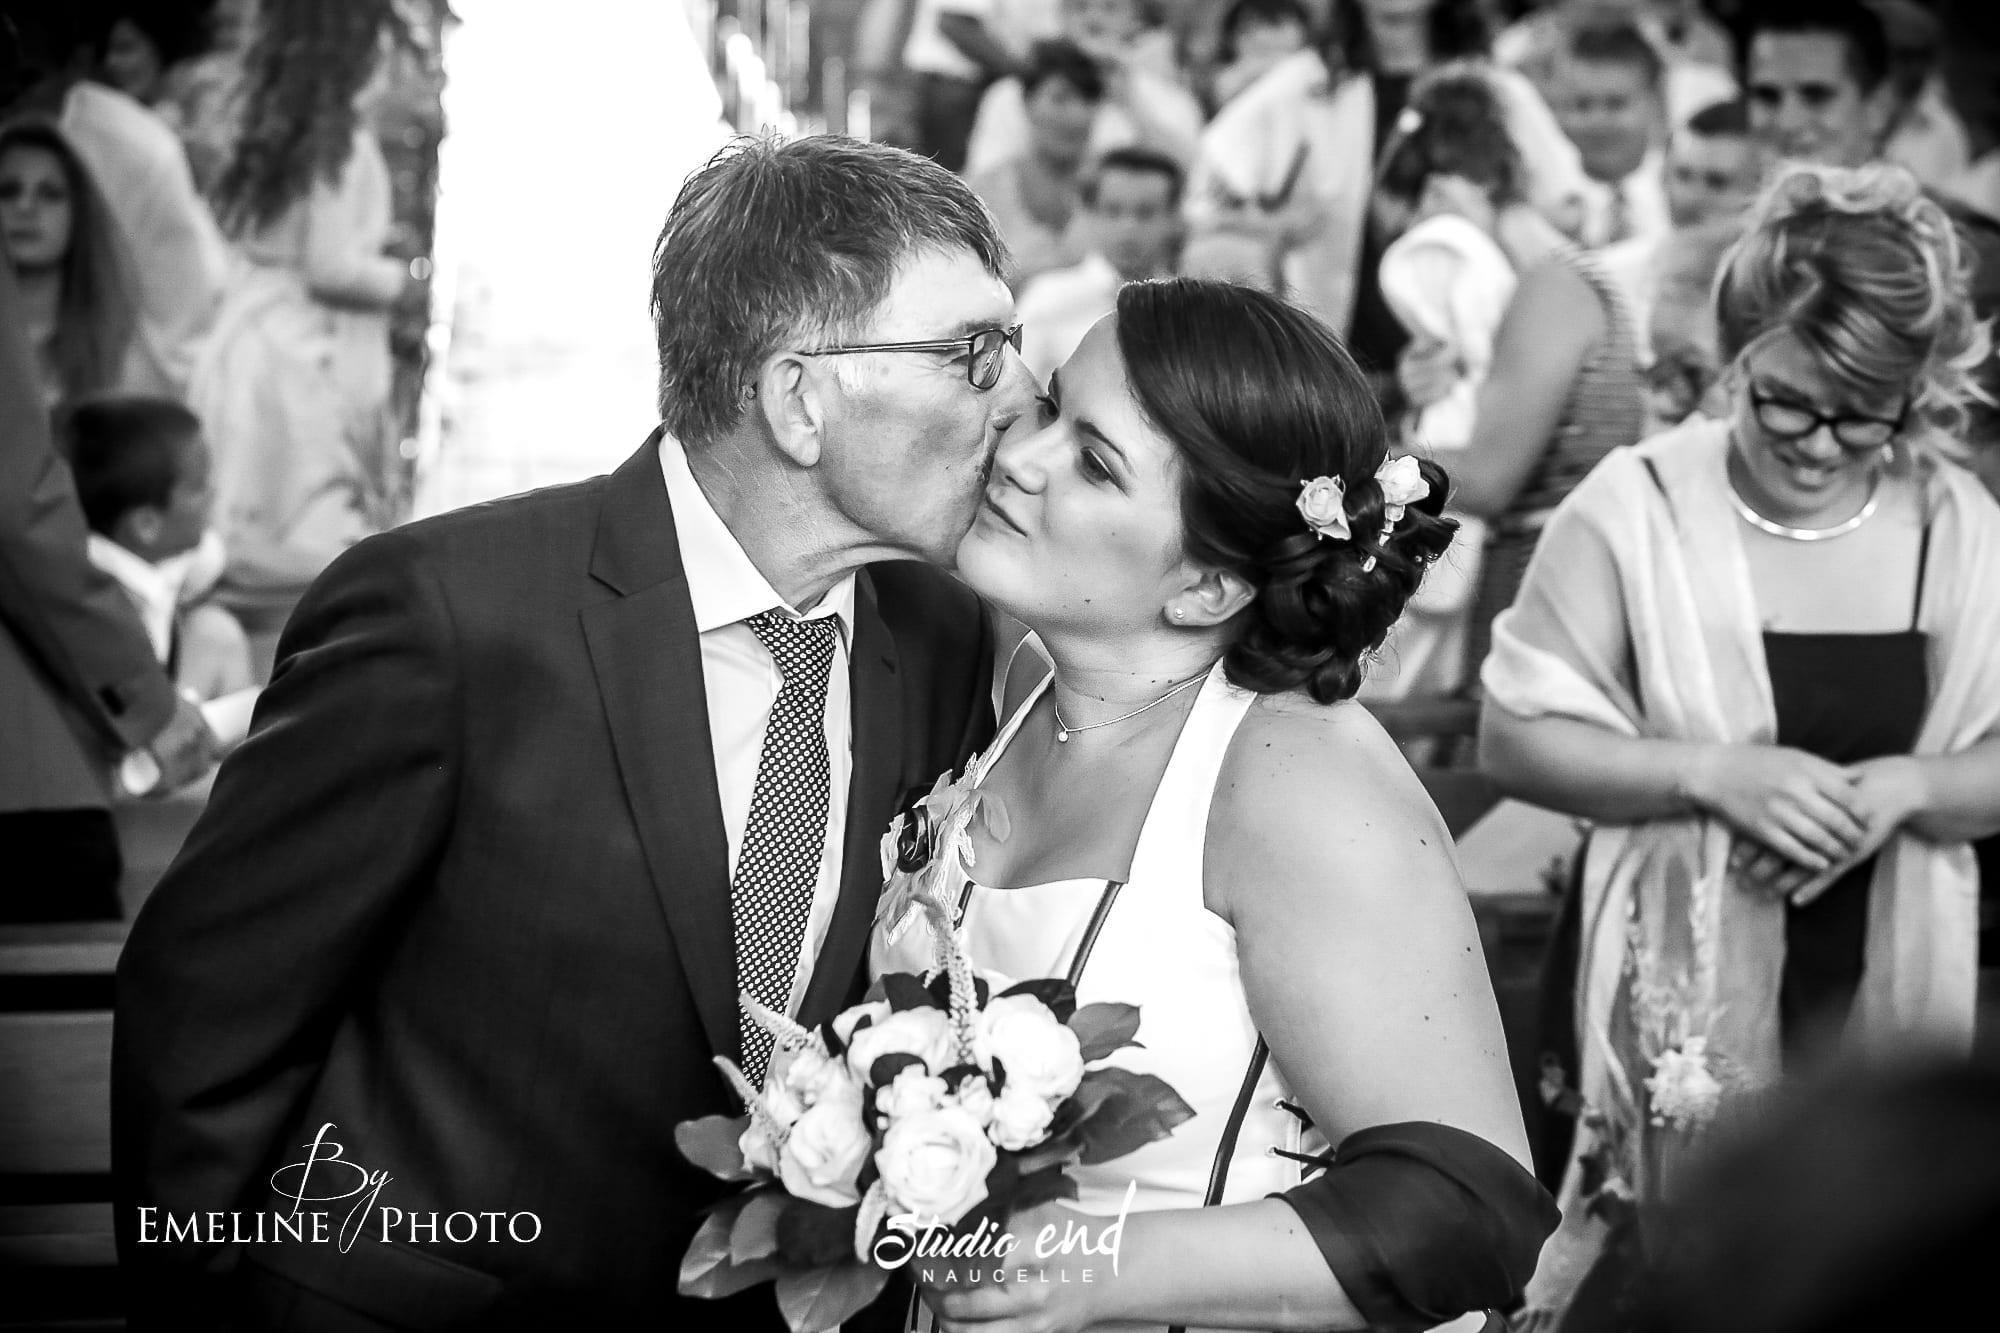 Le père embrasse la mariée photo et reportage mariage à l'église par le Studio END